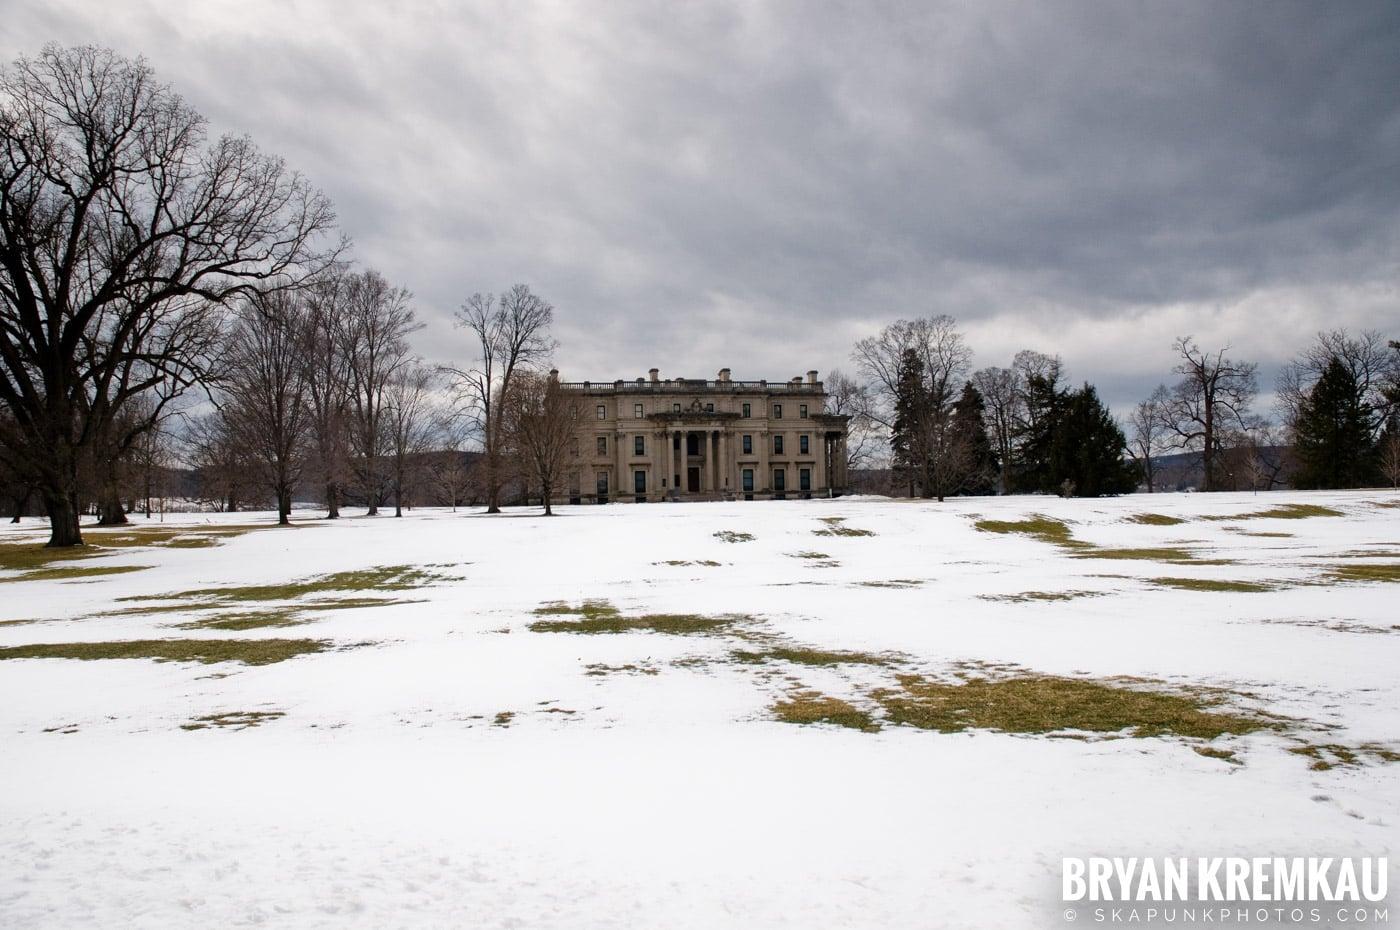 Valentine's Day Trip @ Rhinebeck, FDR's Home, Vanderbilt, Wilderstein Historic Site, NY - 2.14.10 (27)